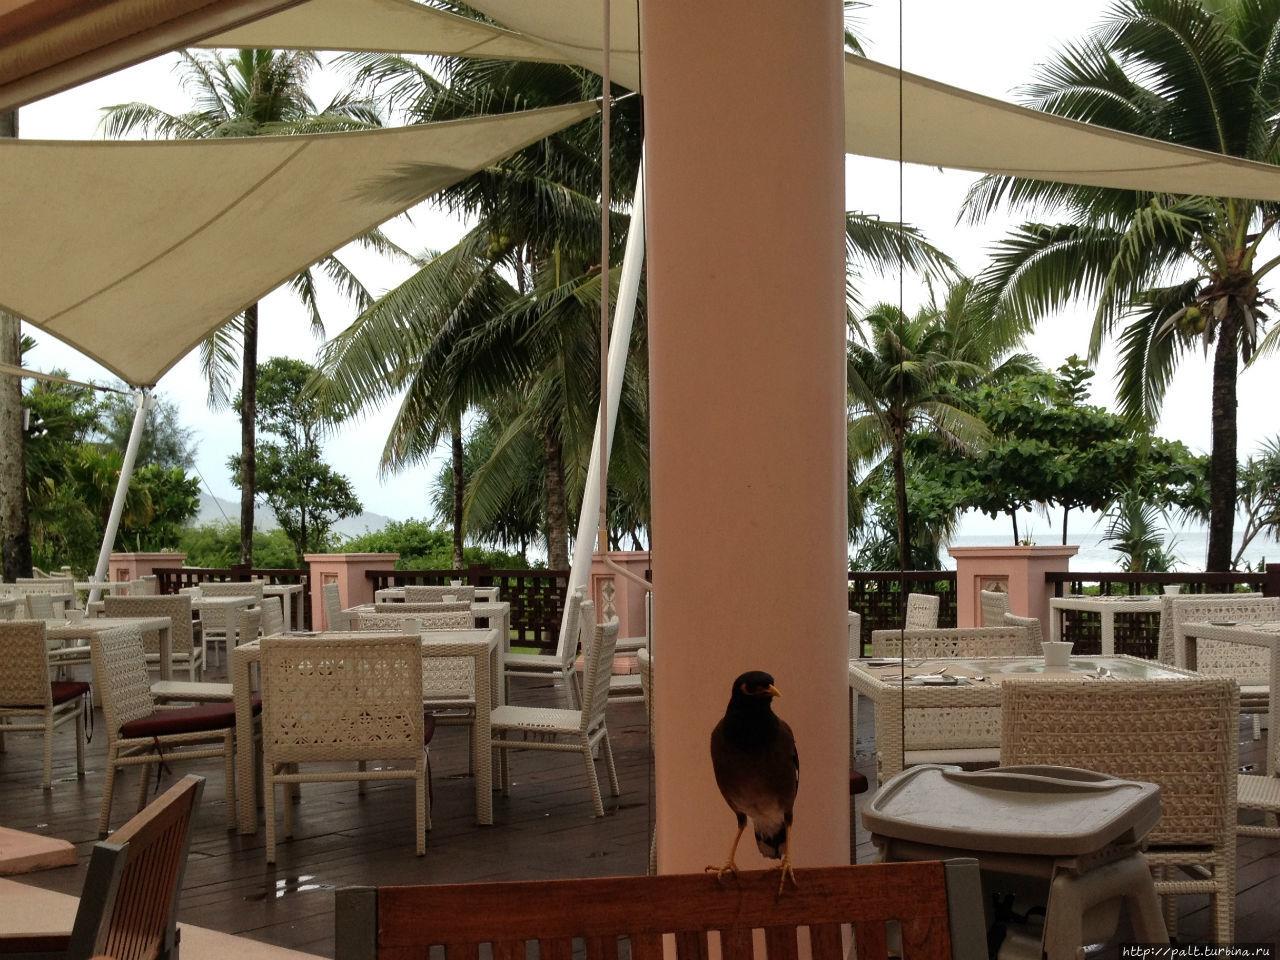 Открытая терраса ресторана Cove и местный птиц-постоянный посетитель